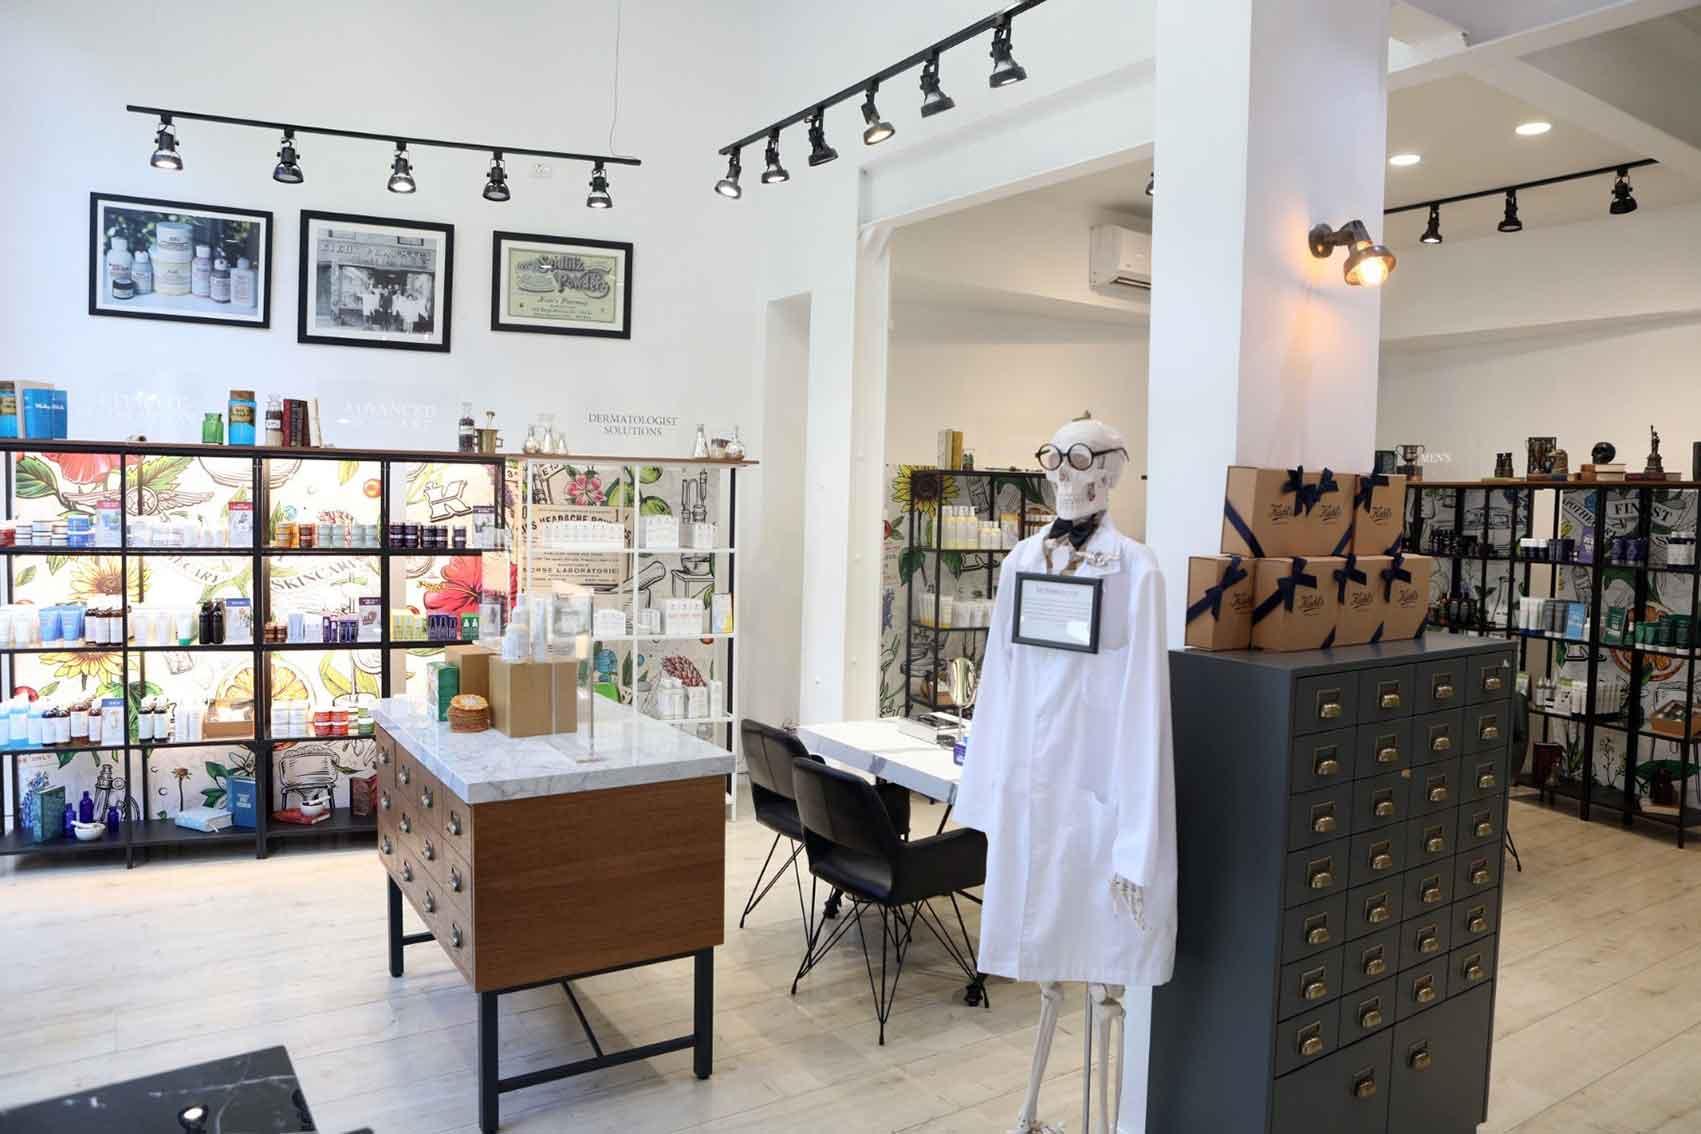 חנות-פופ-אפ-של-קילס-בדיזנגוף-תל-אביב-מגזין-אופנה-דיגיטלי